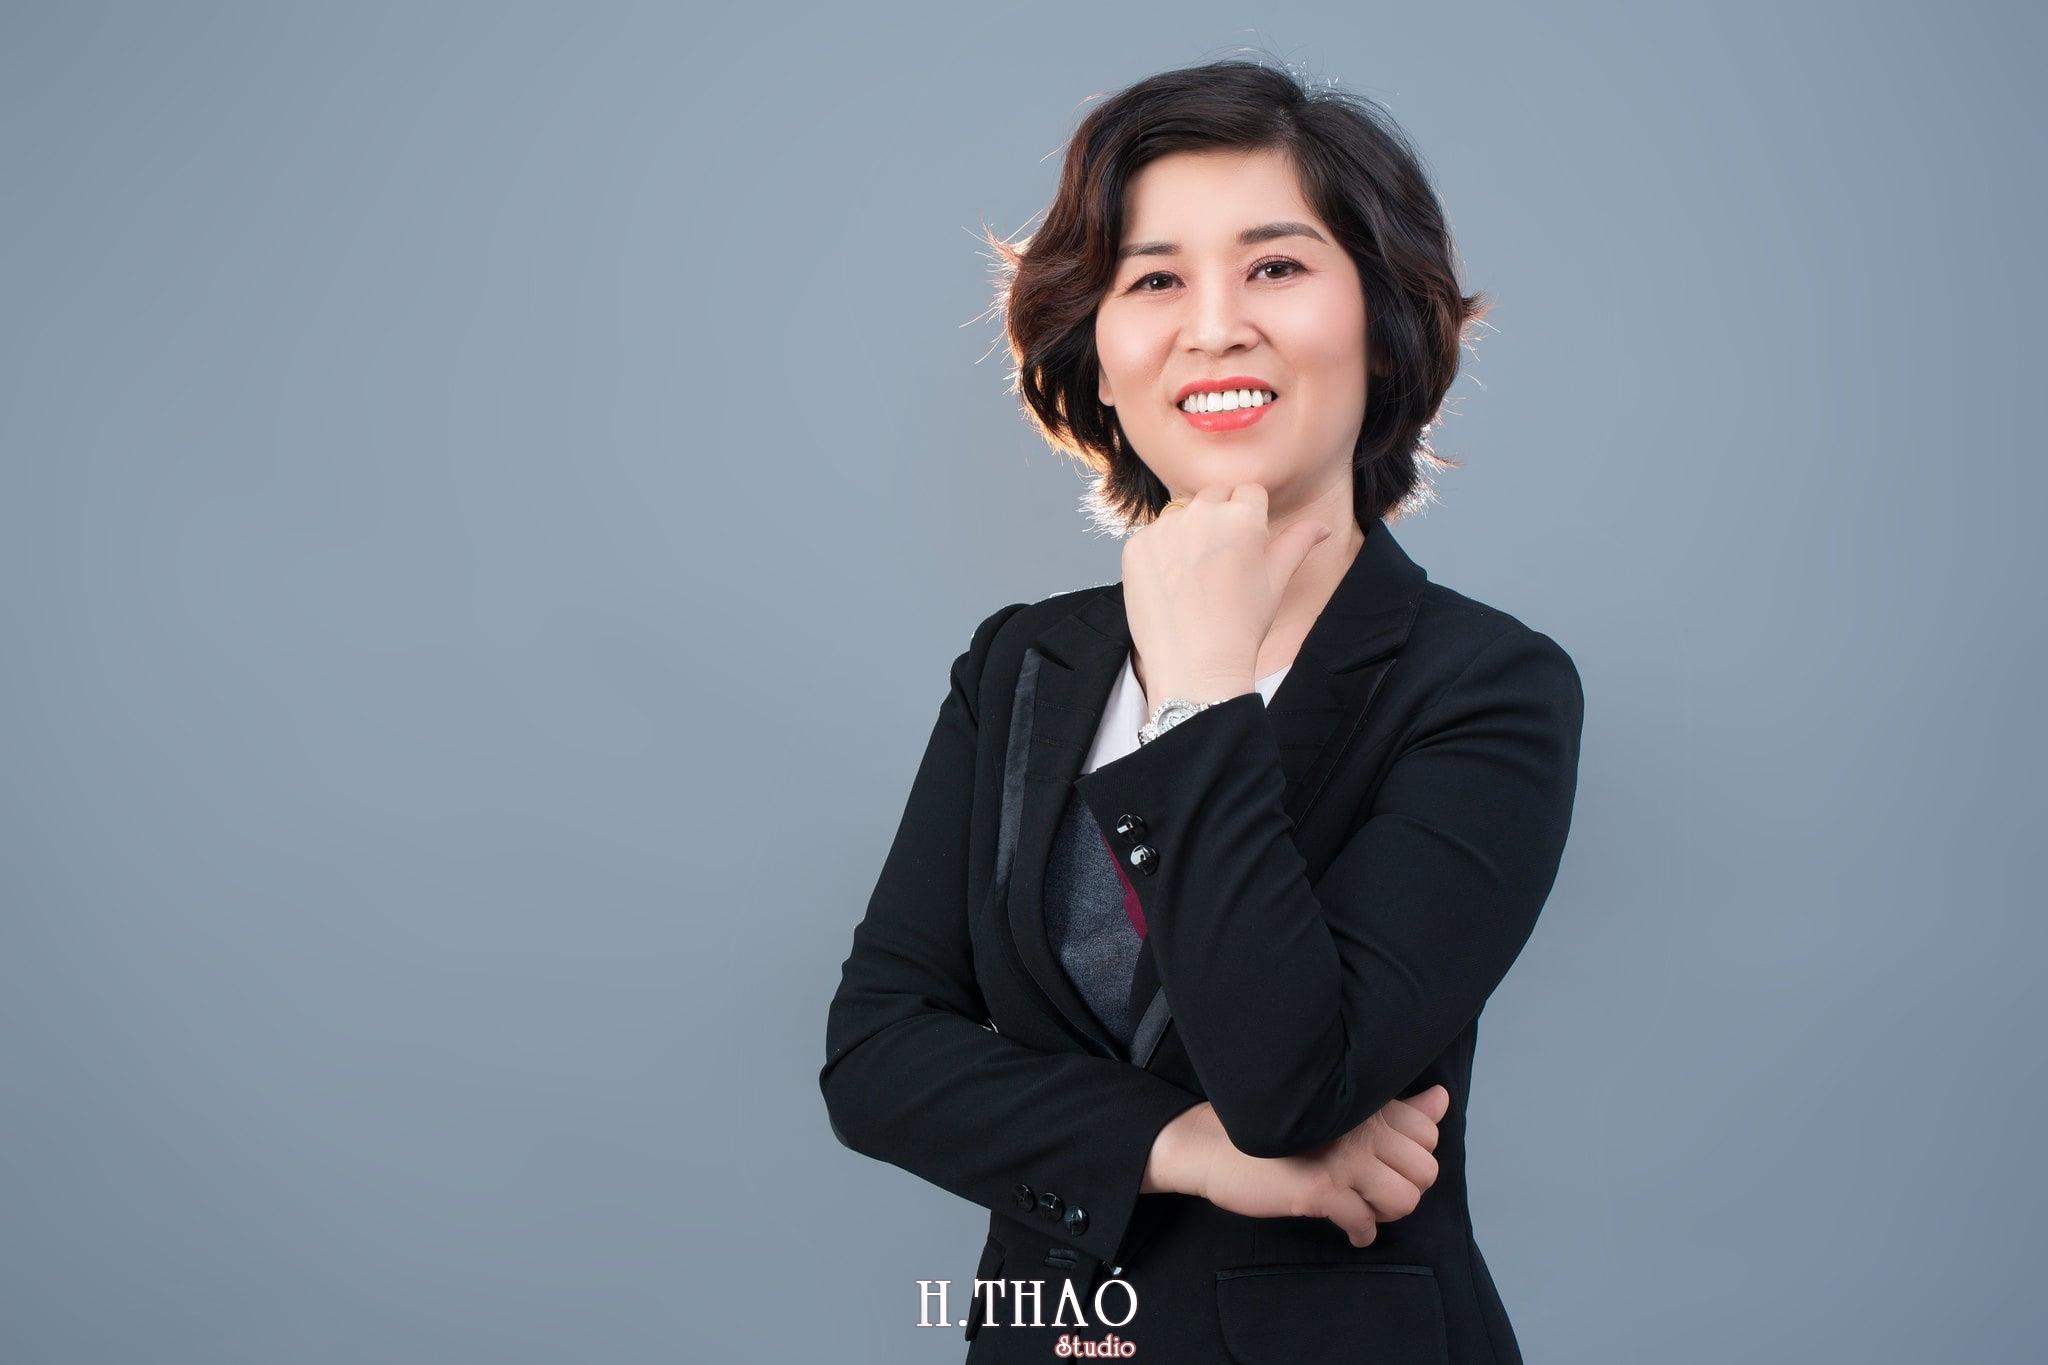 chan dung nu 2 - Album ảnh doanh nhân chị Quỳnh sang trọng, quý phái - HThao Studio